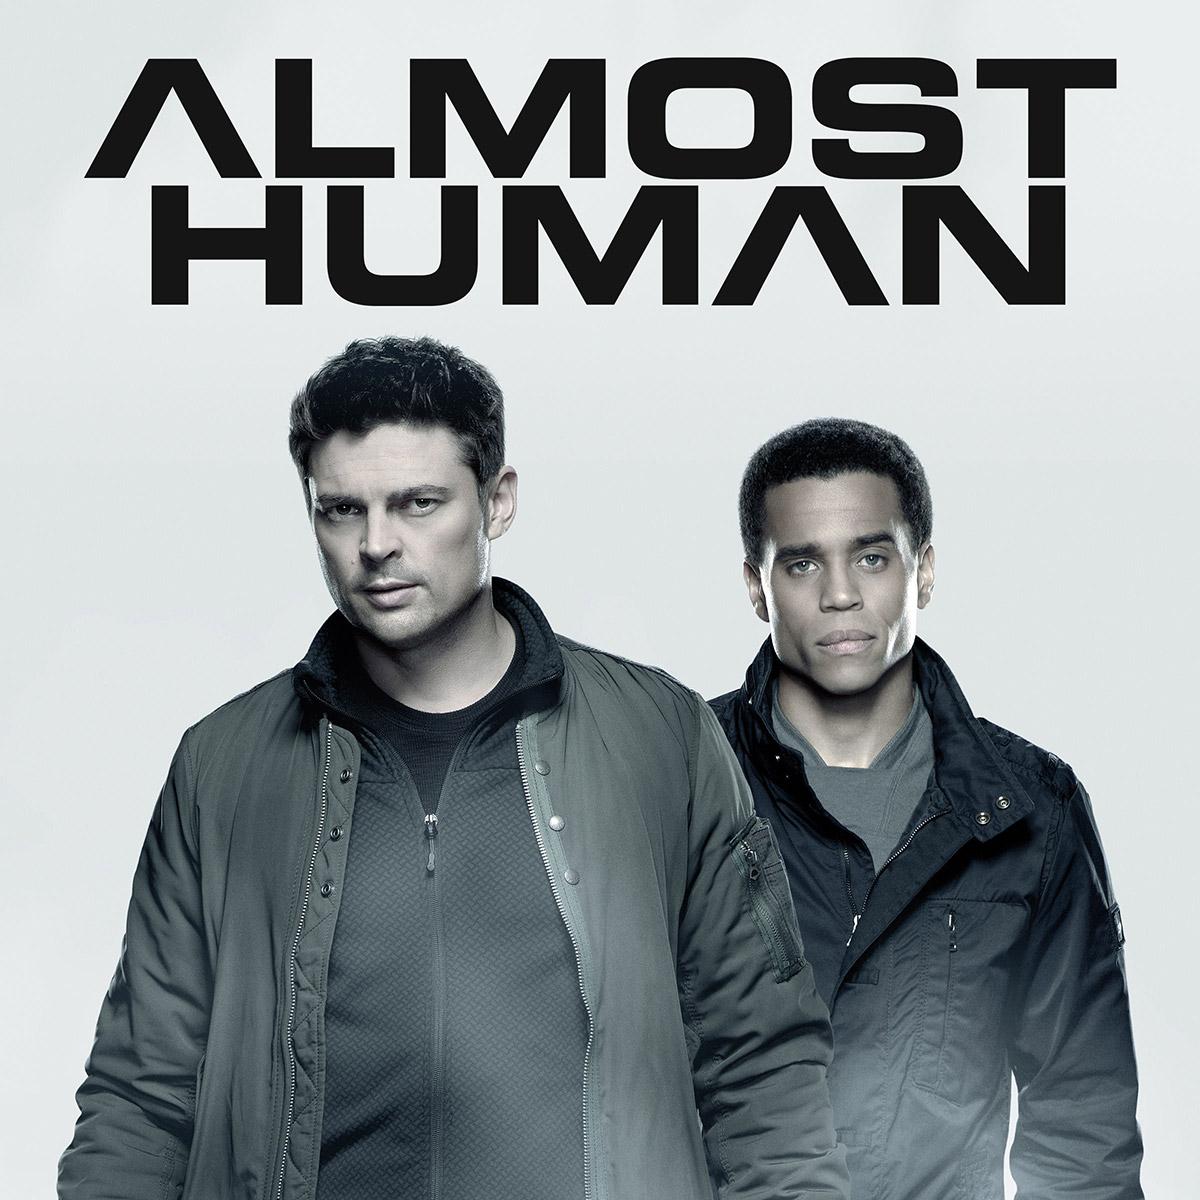 Almost Human FOX Promos - Television Promos